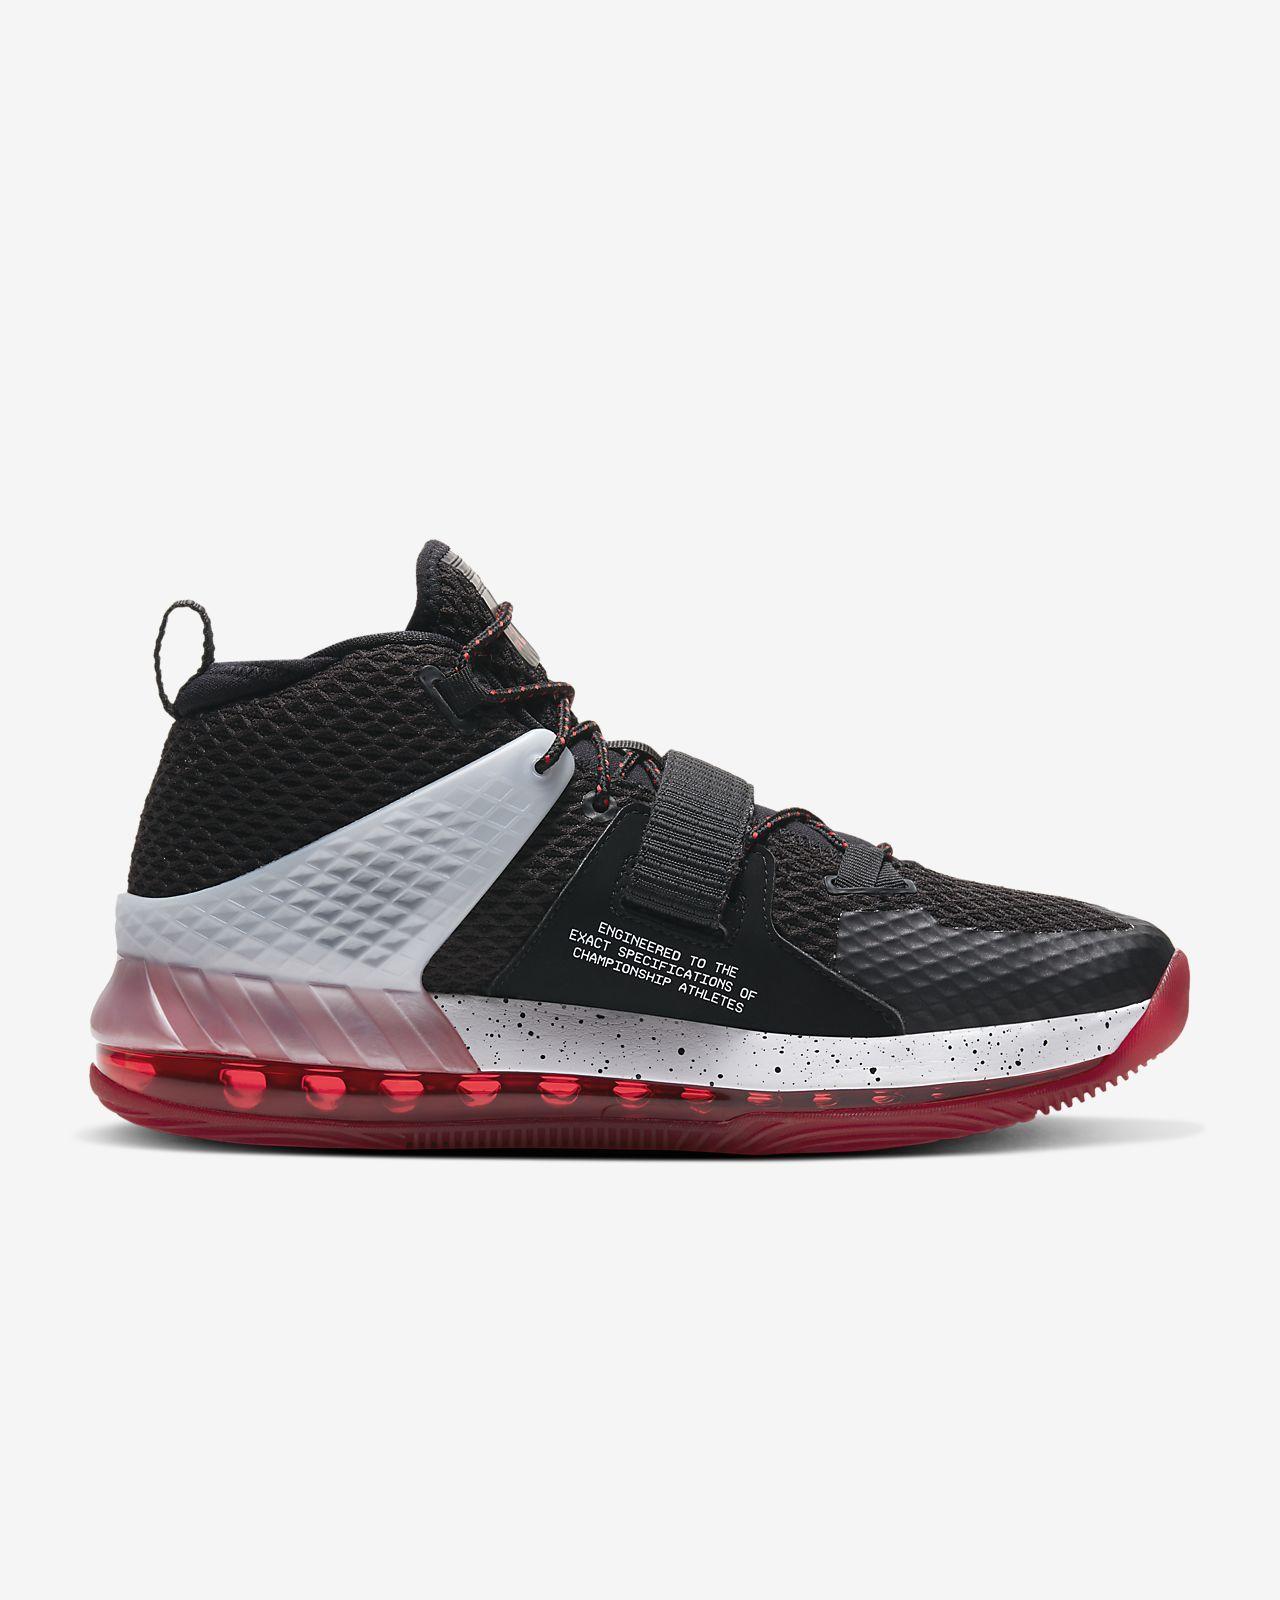 Sapatilhas de basquetebol Nike Air Force Max II